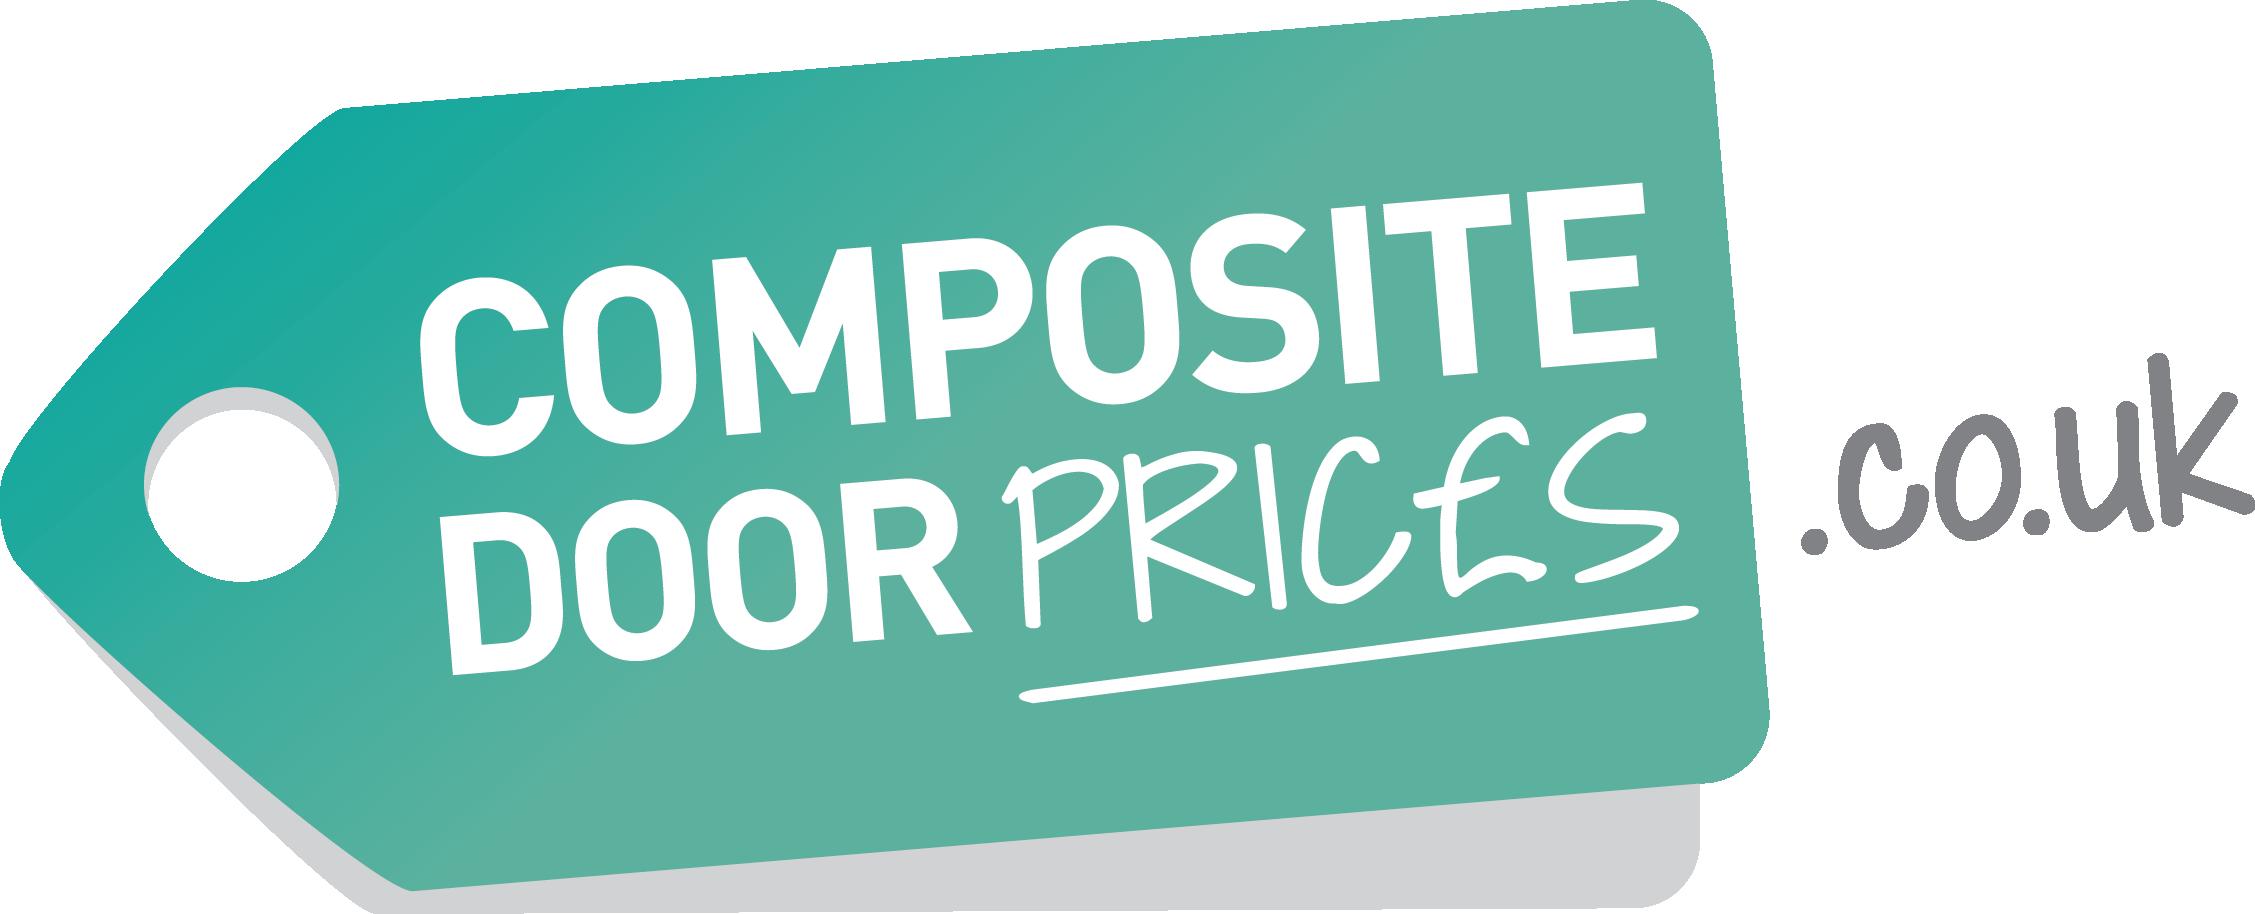 sc 1 st  Composite Door Prices & Should you always believe what you read \u2013 Composite Door Prices